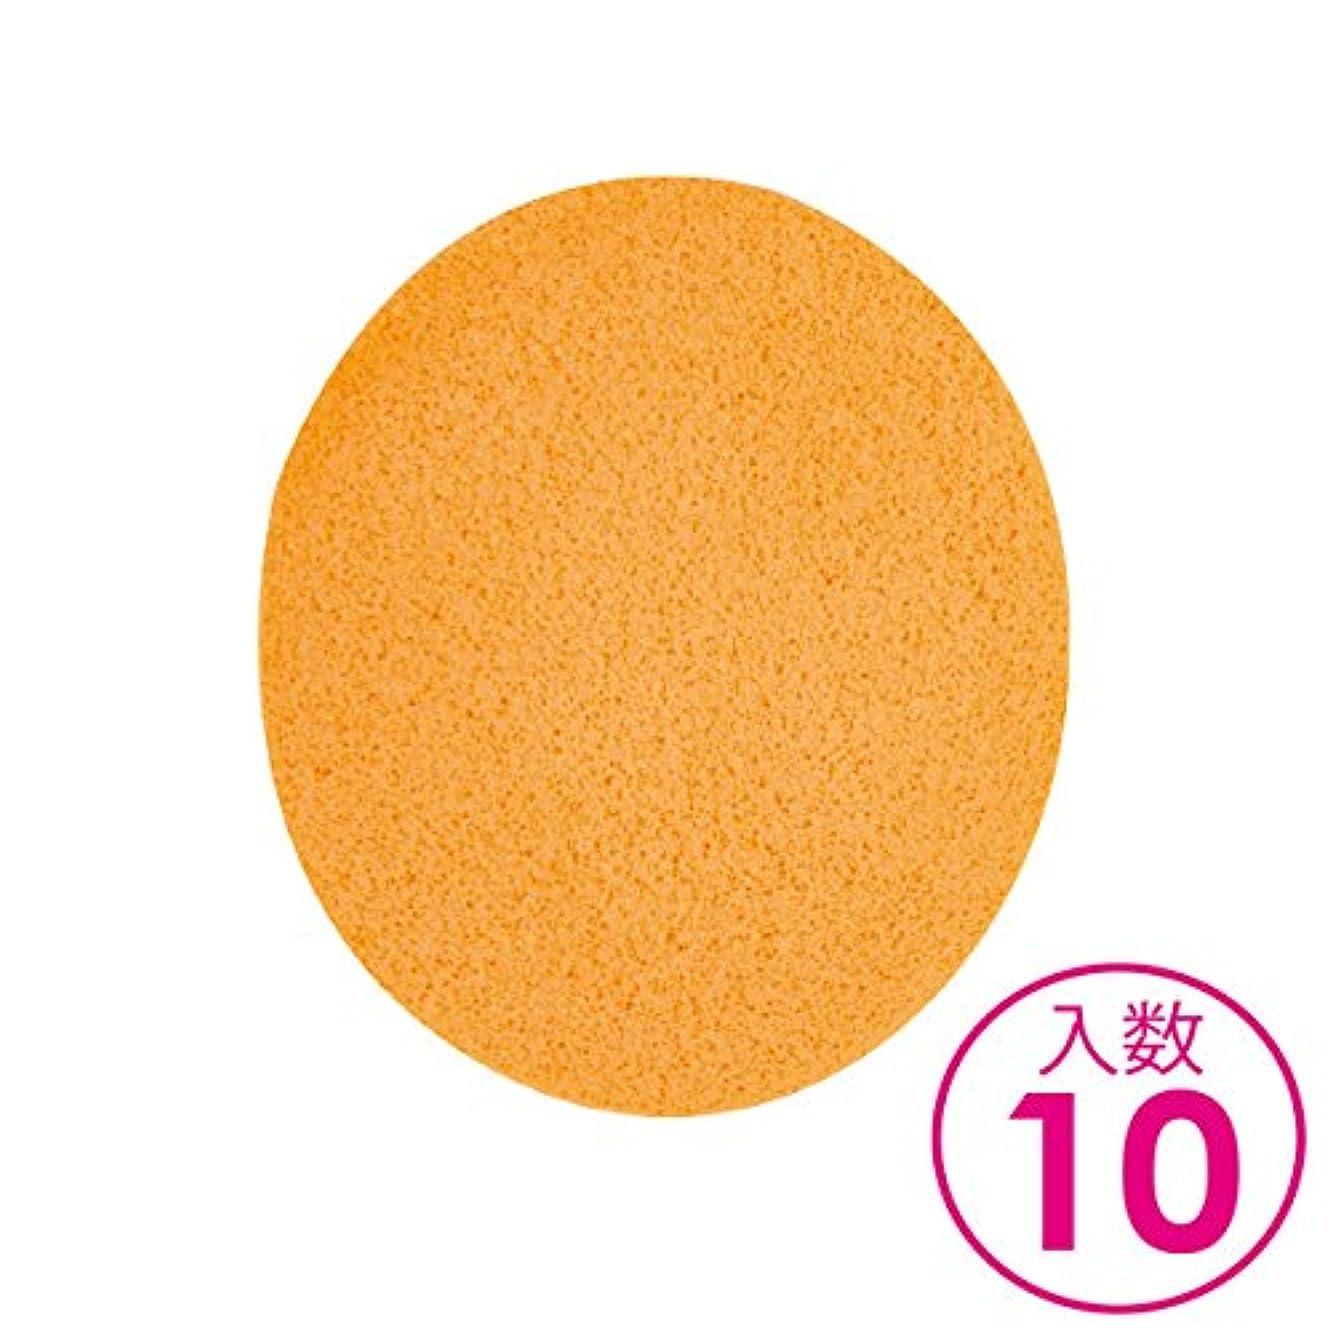 楽しむうま正確さボディスポンジ 幅120×長さ140×厚み10mm (きめ粗い) 10枚入 オレンジ [ ボディスポンジ ボディ用スポンジ マッサージスポンジ ボディ ボディー 体用 エステ スポンジ パック 拭き取り 吸水 保水 ]